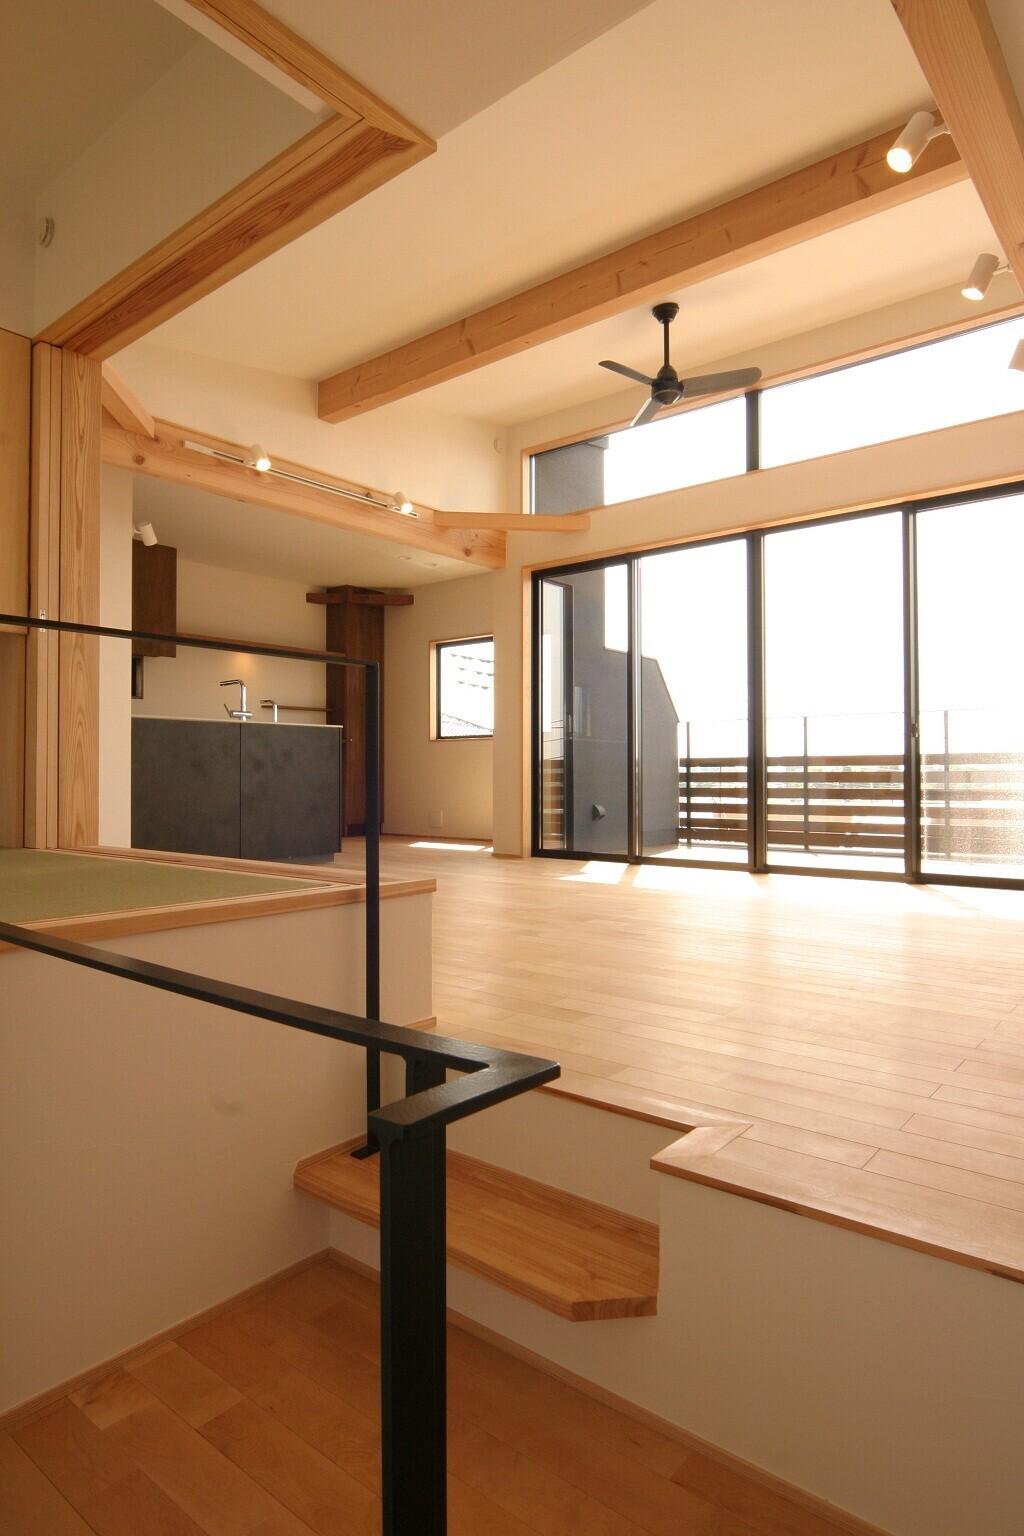 リビング、広いデッキバルコニーから富士山をのぞむ家の建築事例写真